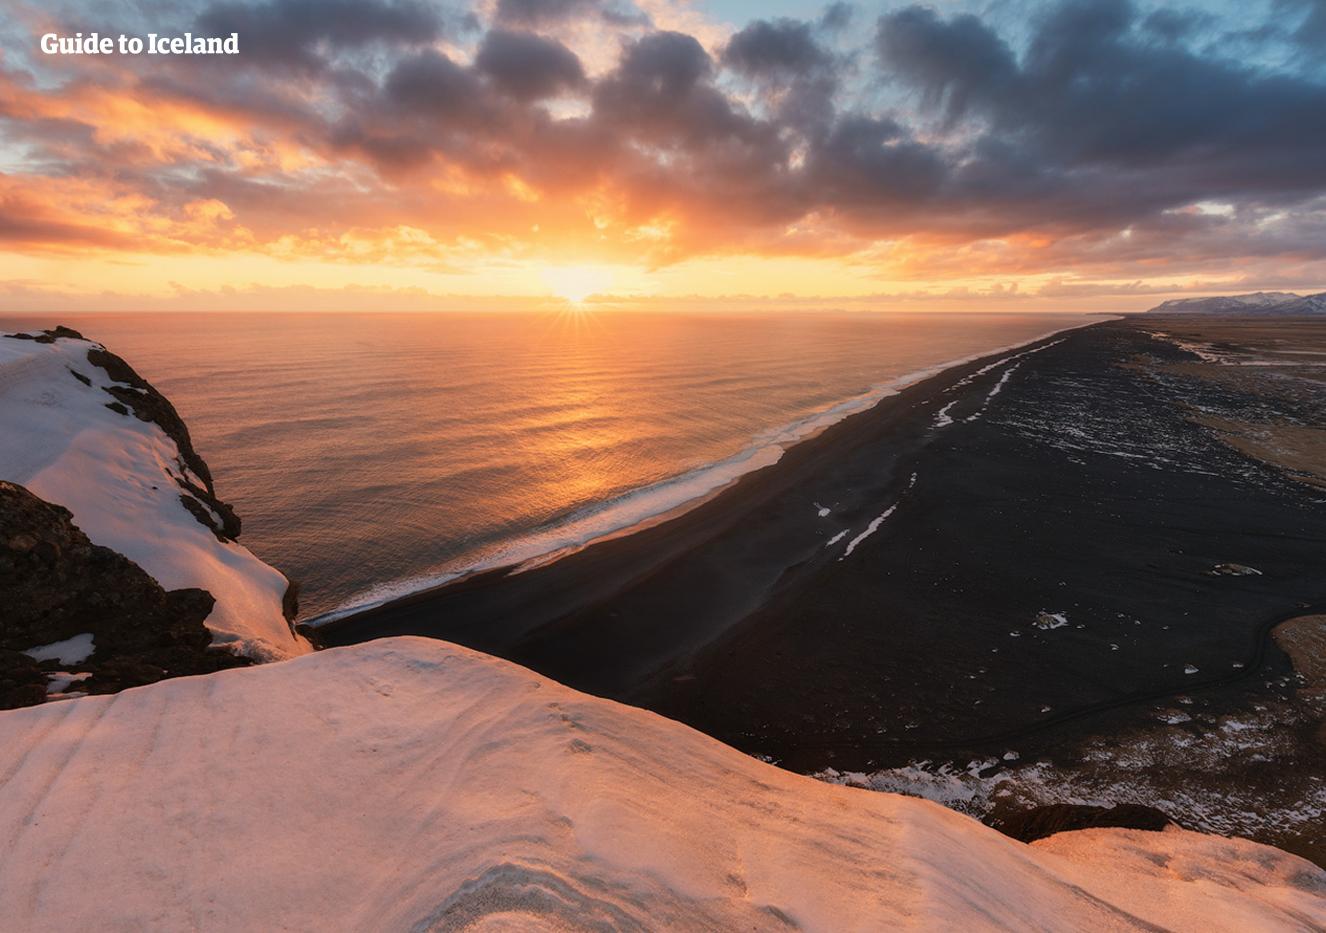 Viaje a fondo de 10 días en invierno a tu aire | Snæfellsnes, Auroras Boreales y la Costa Sur - day 8